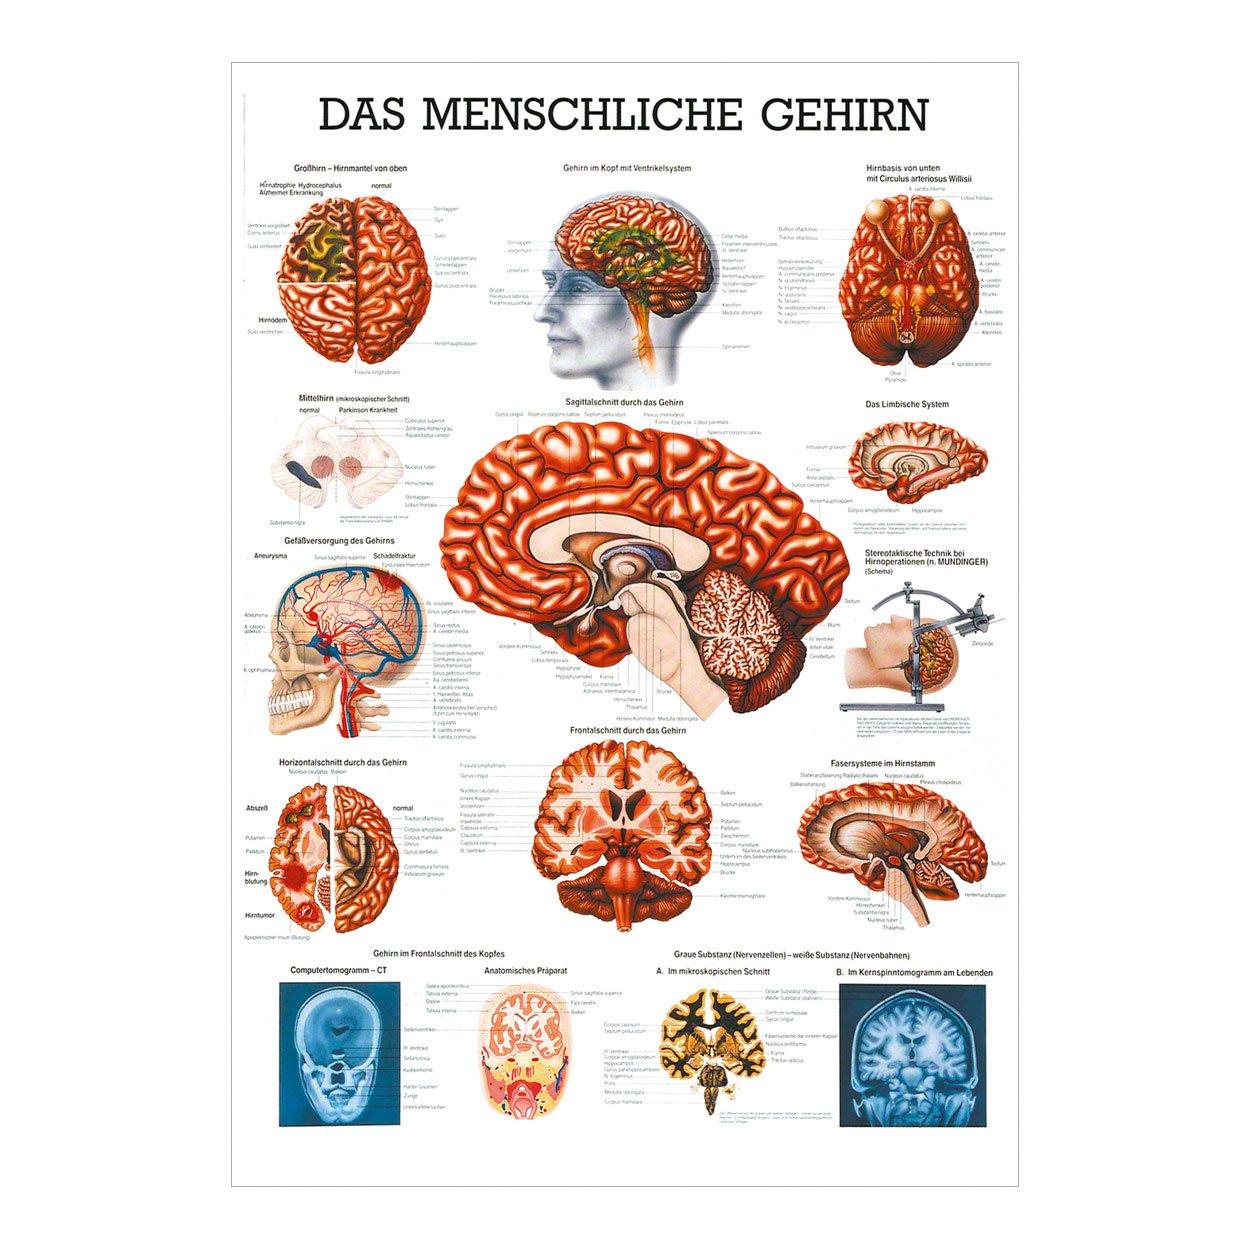 Charmant Anatomie Des Graus Fotos - Physiologie Von Menschlichen ...